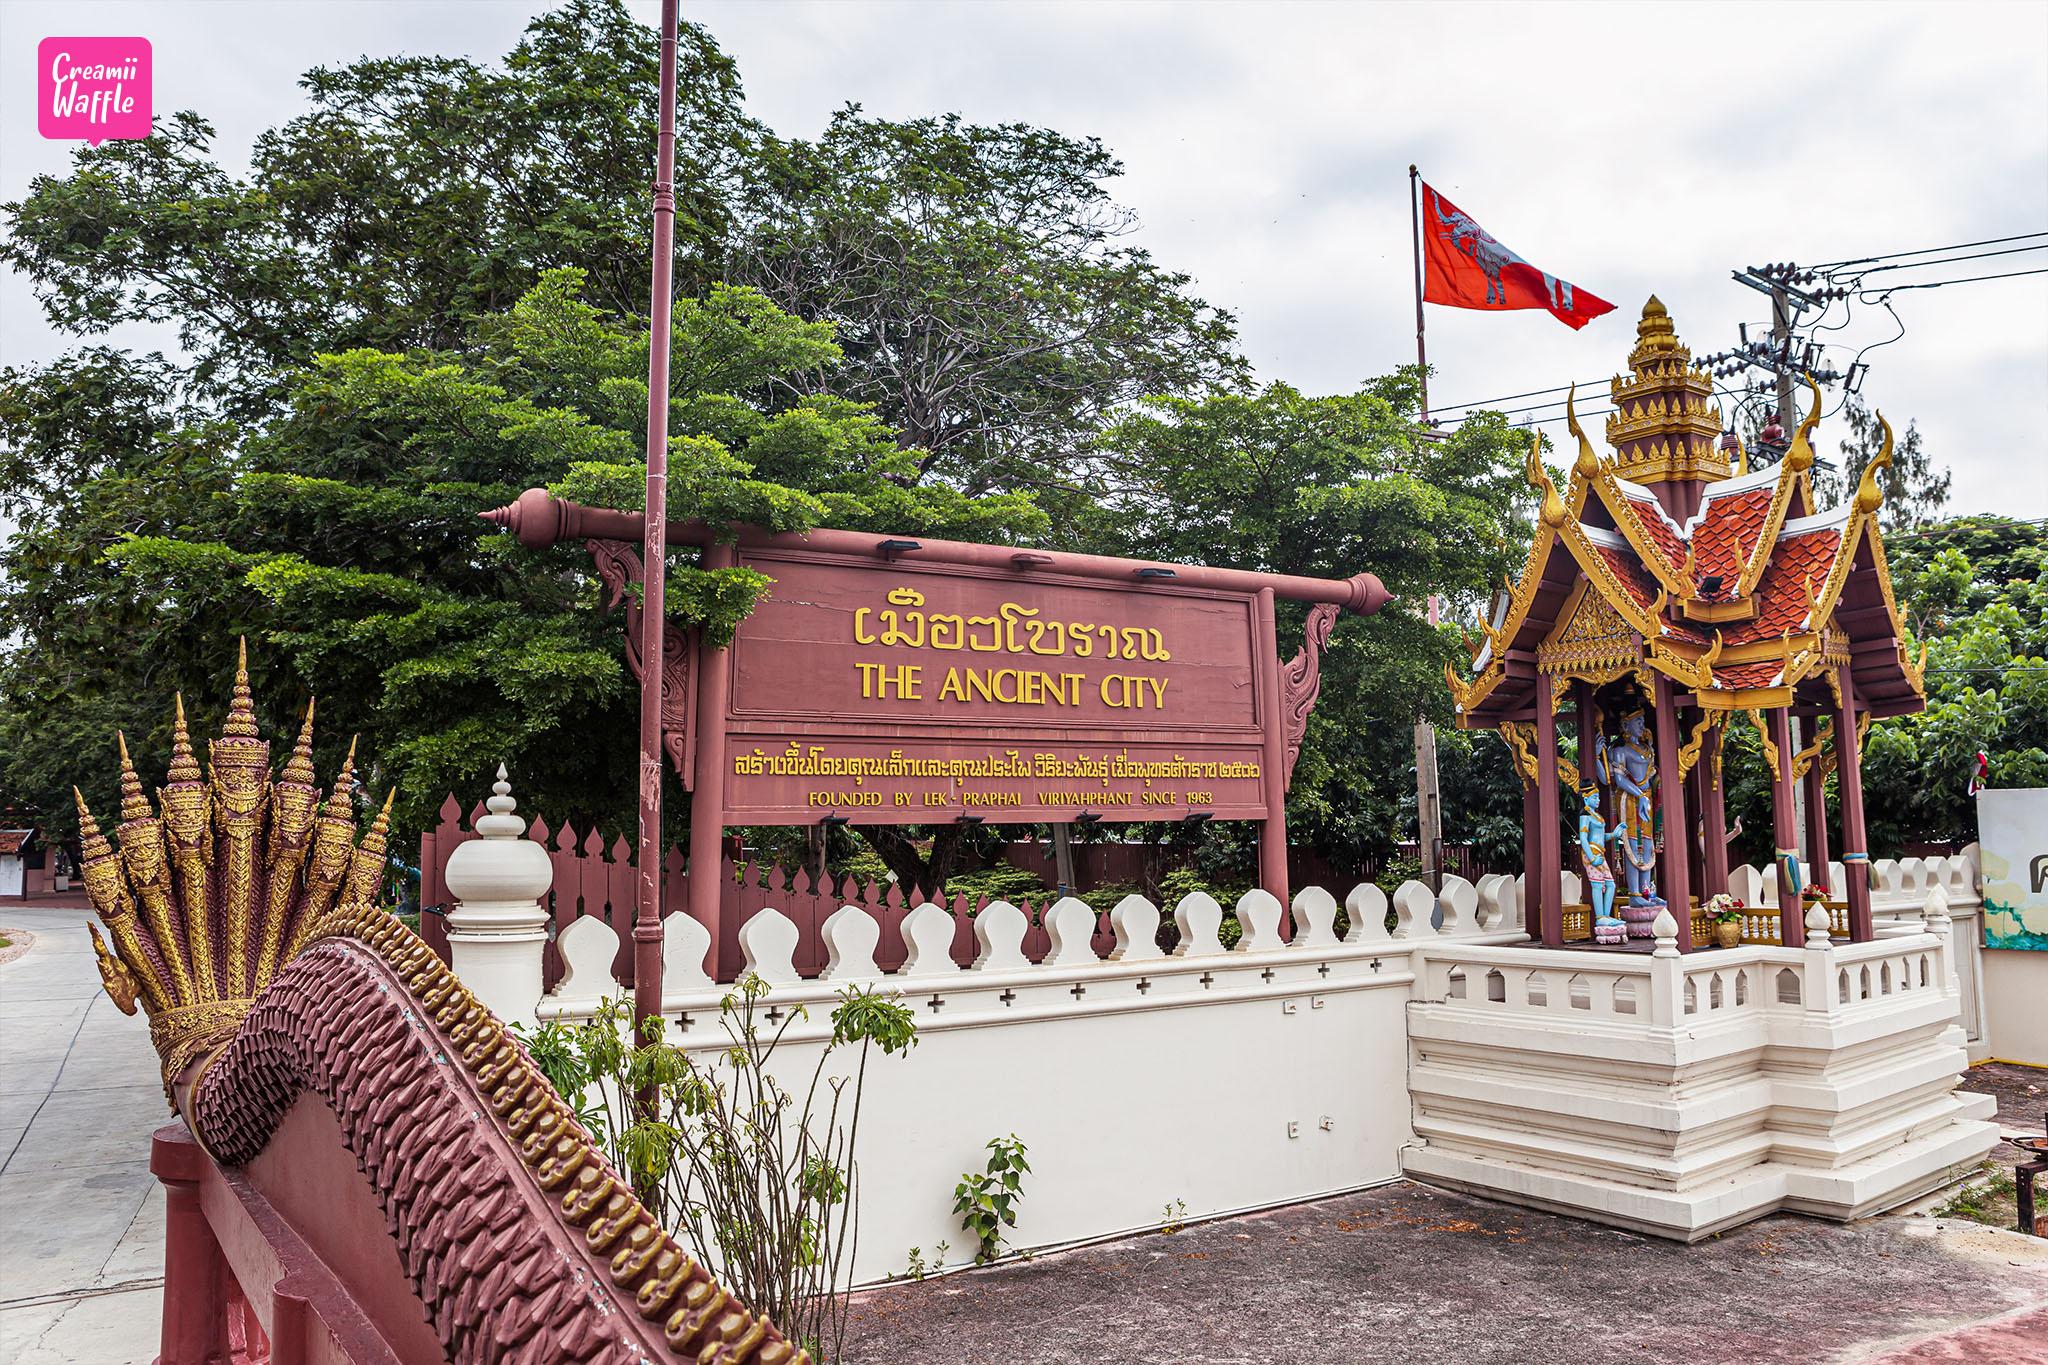 The Ancient City or Muang Boran